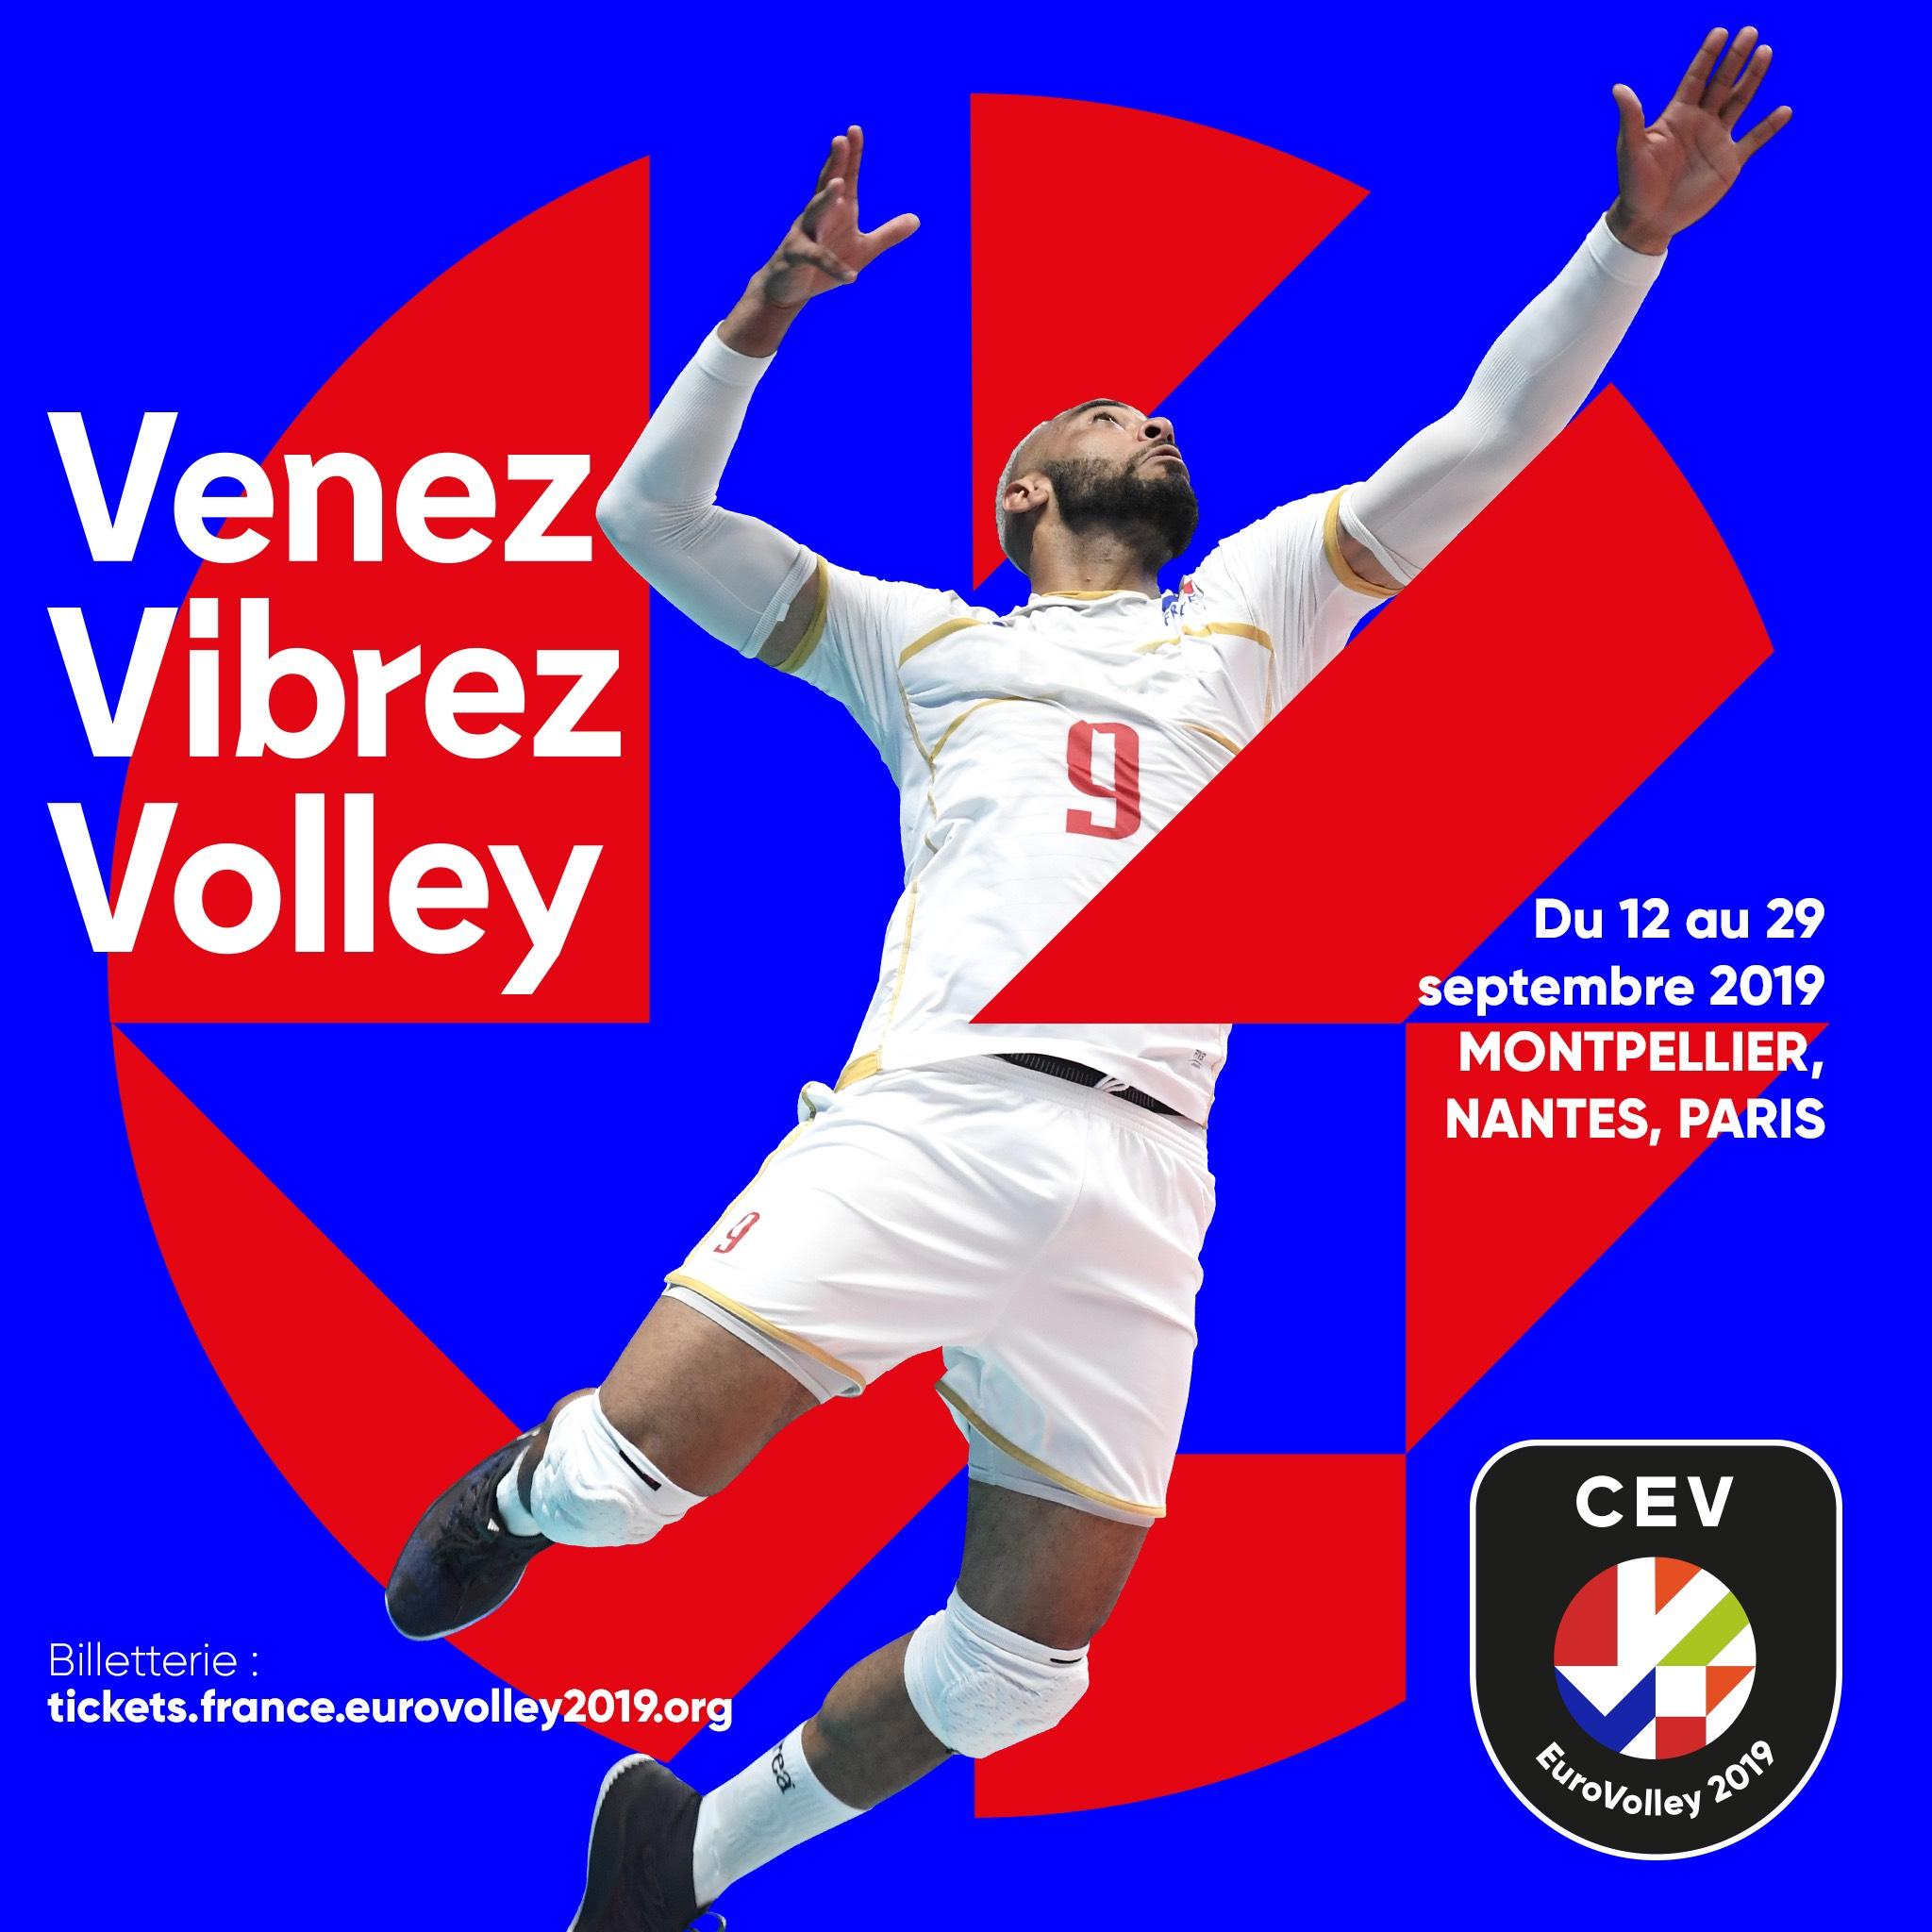 Billet pour le match de l'EuroVolley France - Roumanie le 12 septembre à la Sud de France Arena, Montpellier (34)